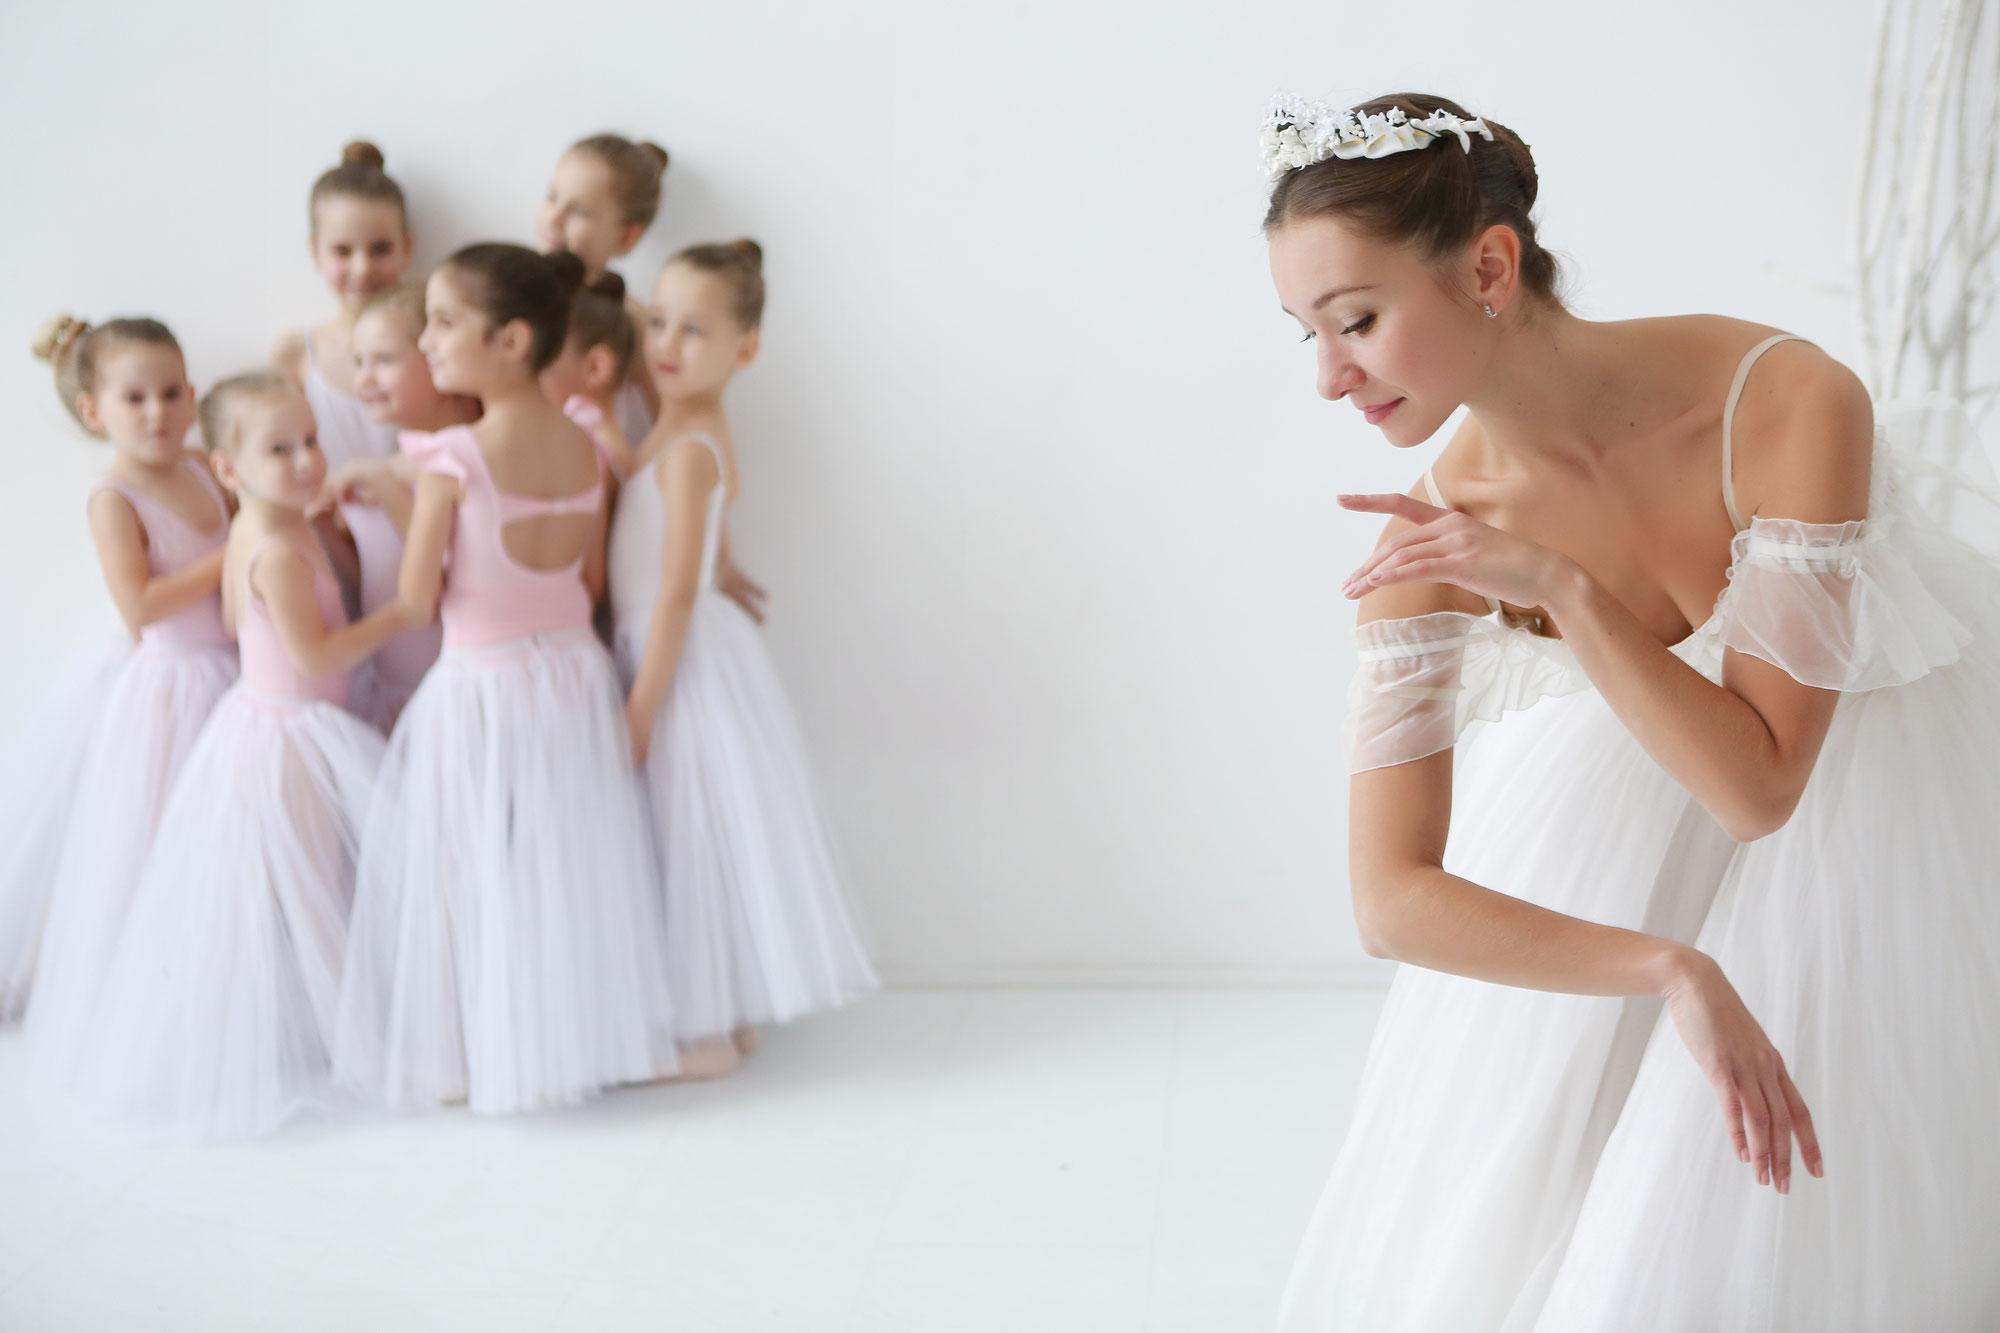 обшивку поздравления хореографическому училищу ноябре